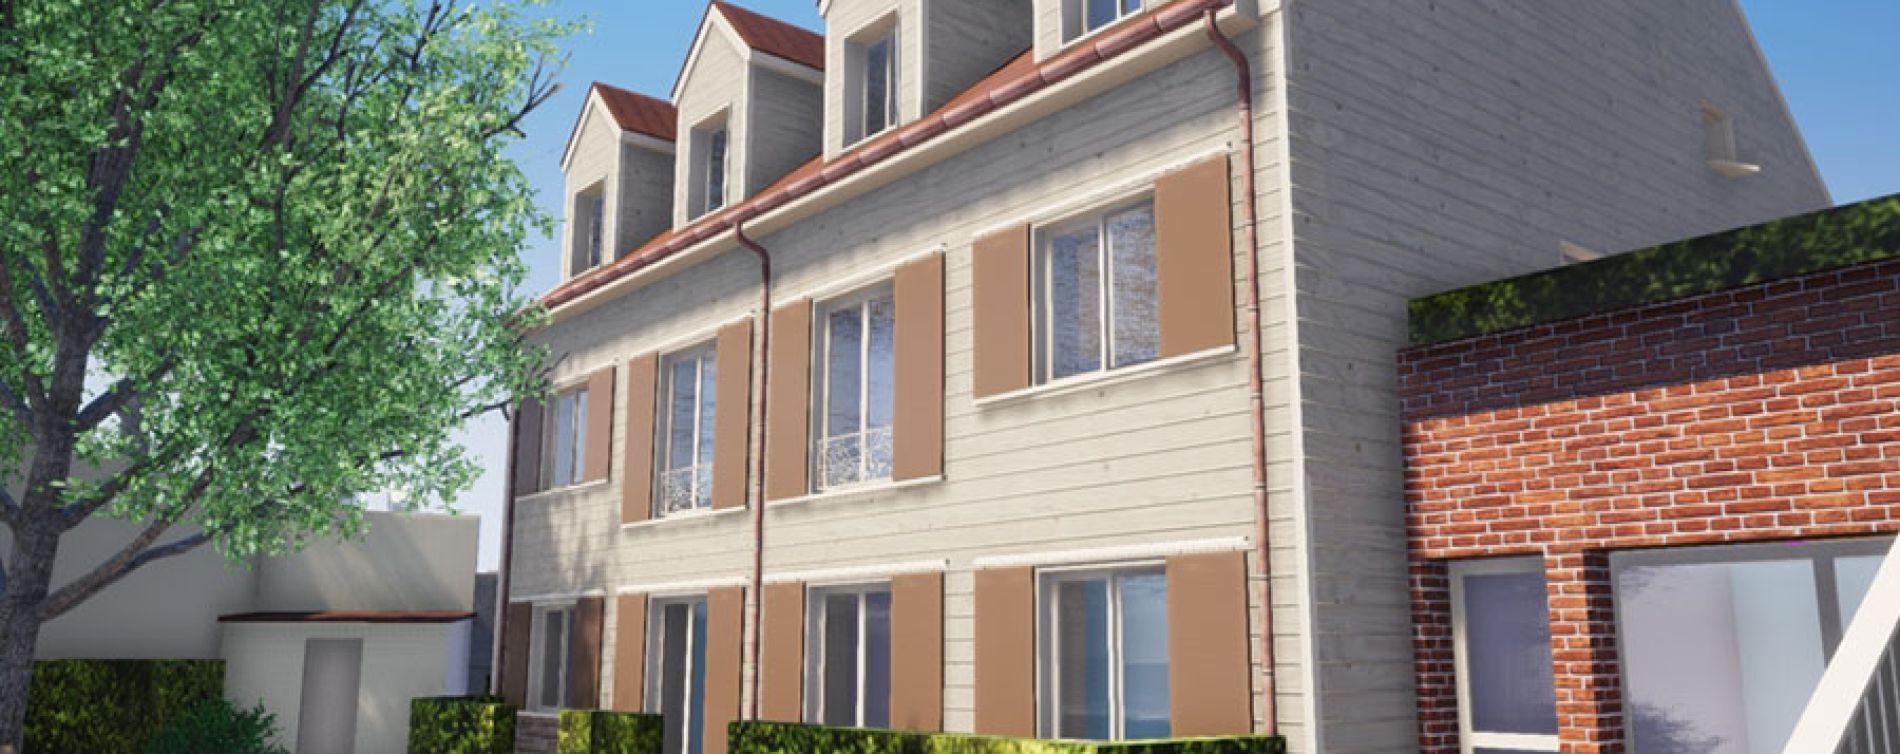 Chelles : programme immobilier à rénover « Bâtiment D - 10 Rue de Gournay » en Déficit Foncier (2)